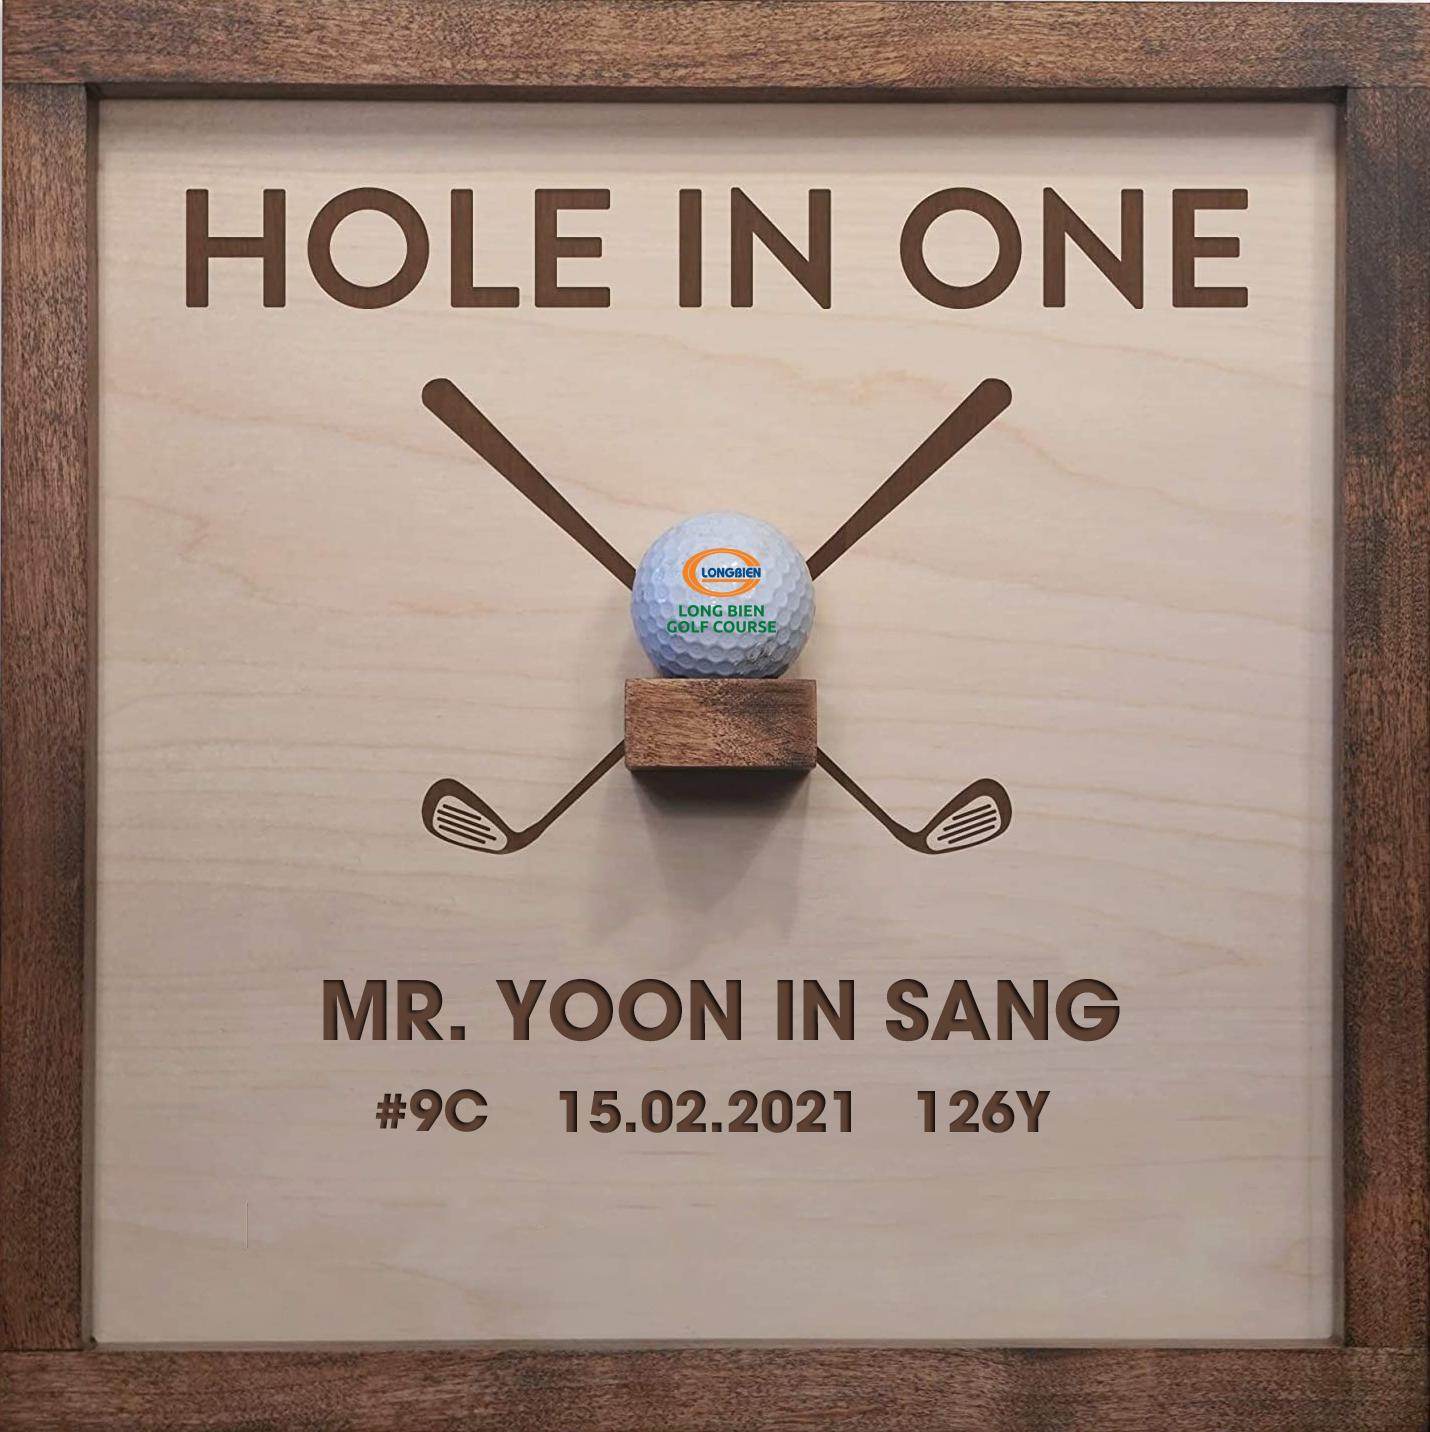 RỰC LỬA VỚI CÚ H.I.O CHÓT LỌT TỪ GOLFER YOON IN SANG